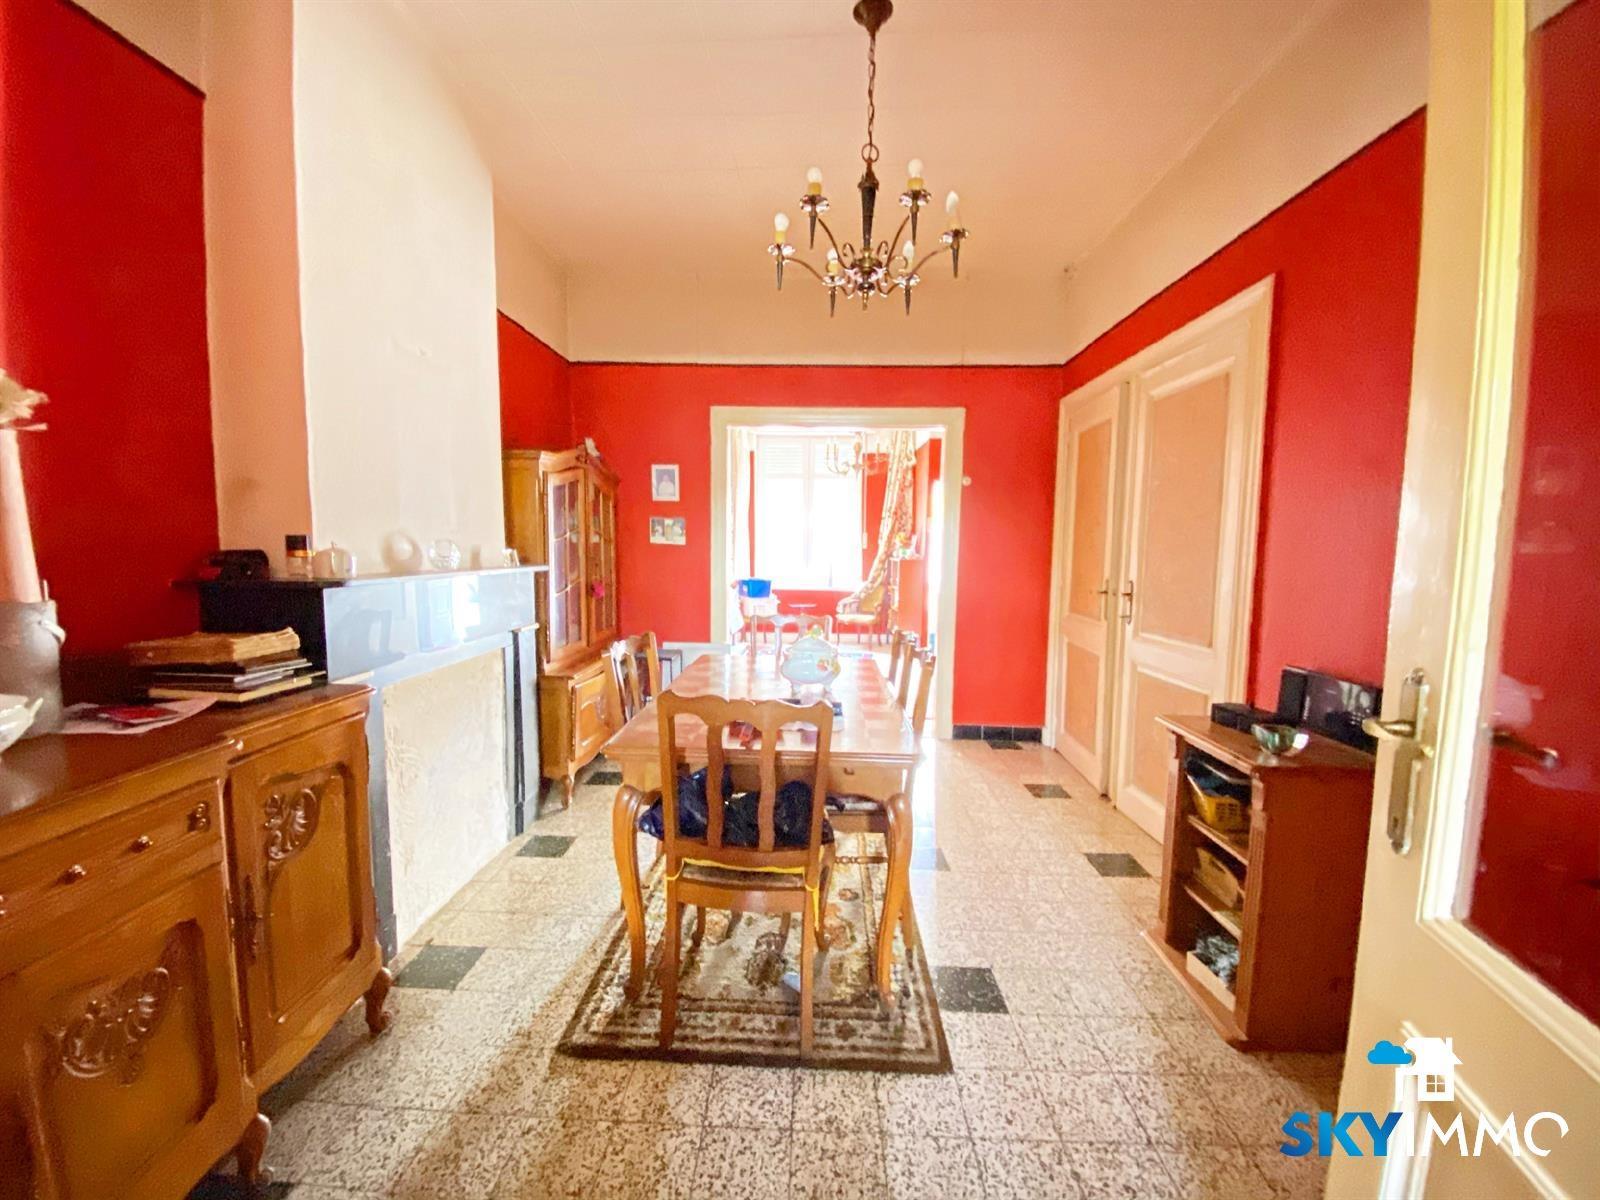 Maison - Seraing - #4333931-6